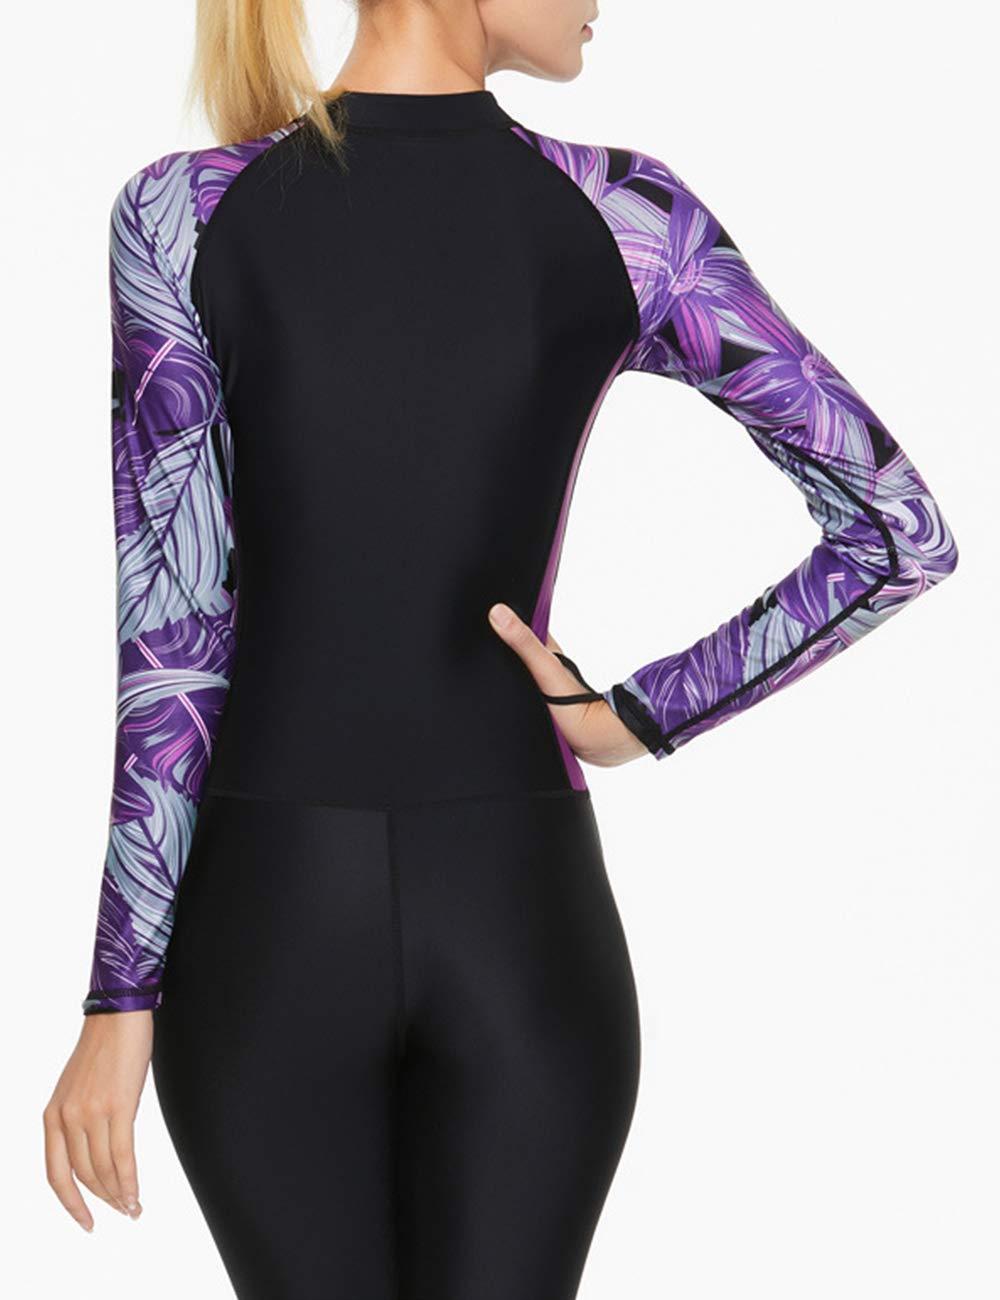 Femmes Sport S/échage Rapide Snorkeling Wetsuit Zhhlinyuan Plage Manches Longues Anti UV Combinaison de Plong/ée Swimsuit Combinaison Monopi/èce